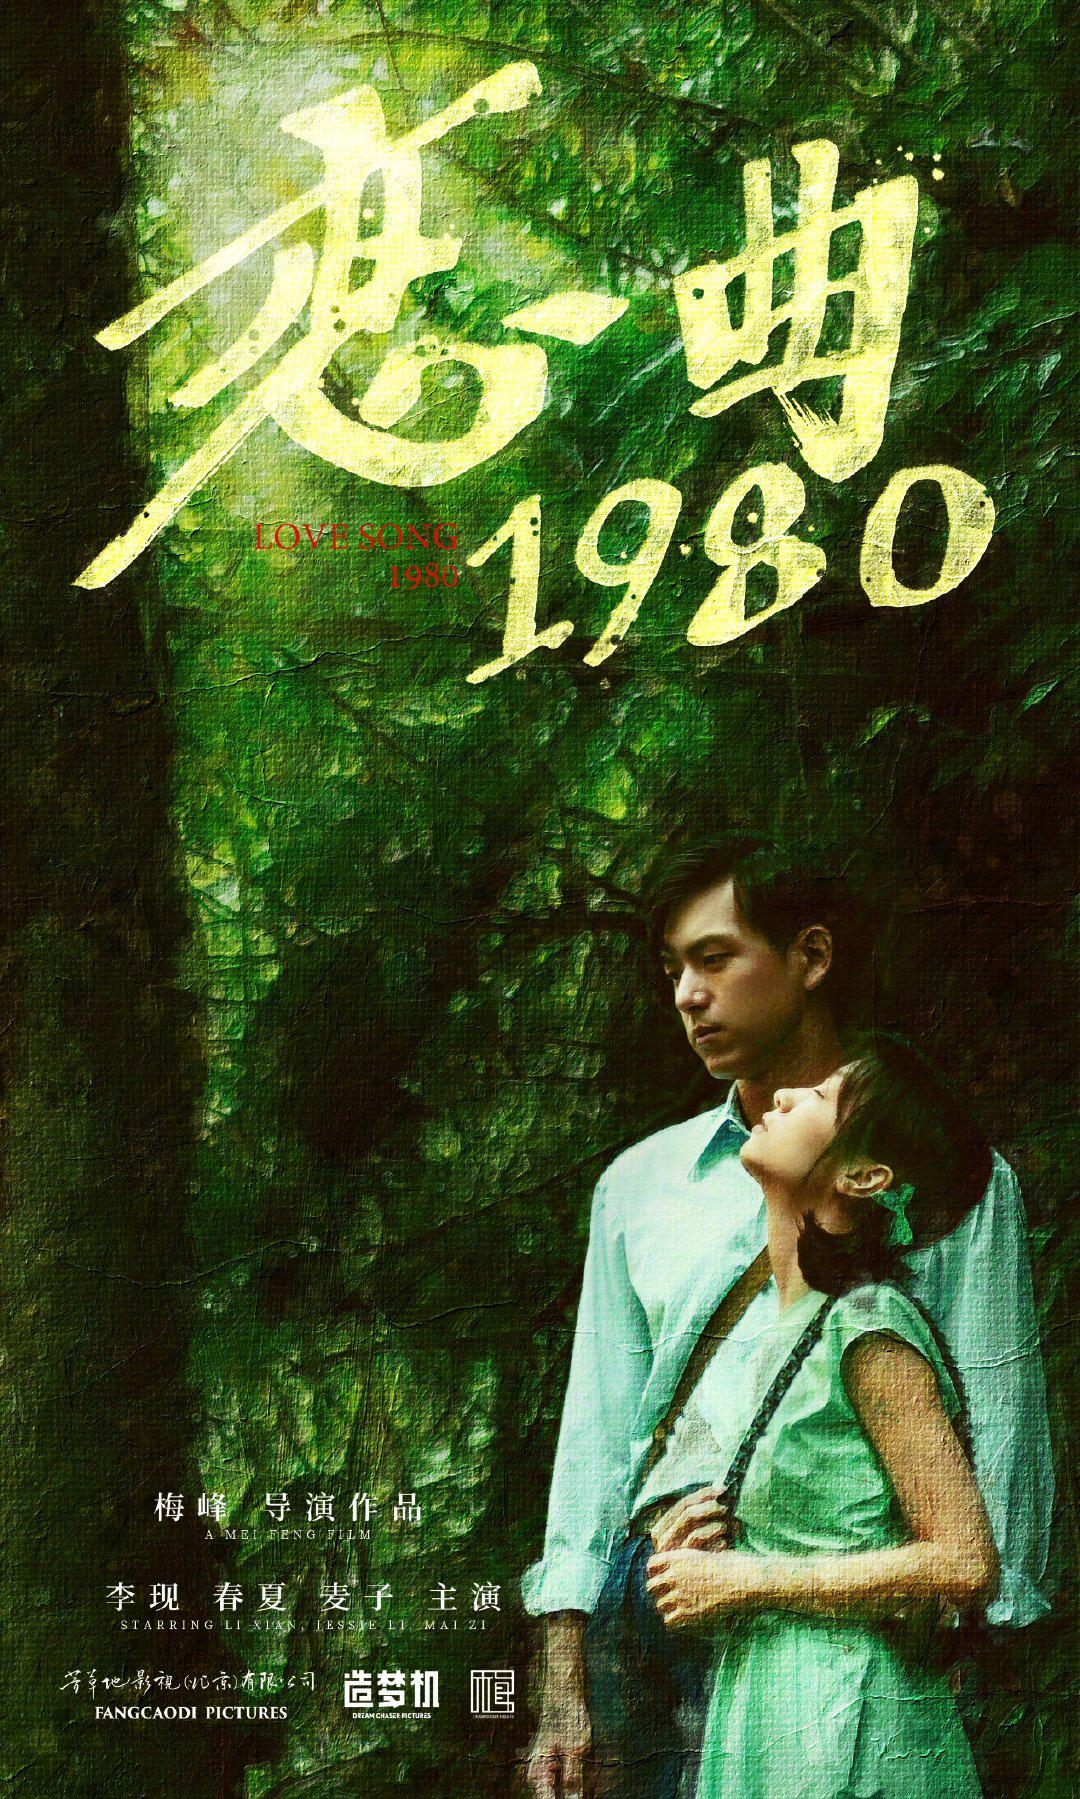 片名:导演梅峰《恋曲1980》曝光新海报李显春夏浪漫依赖